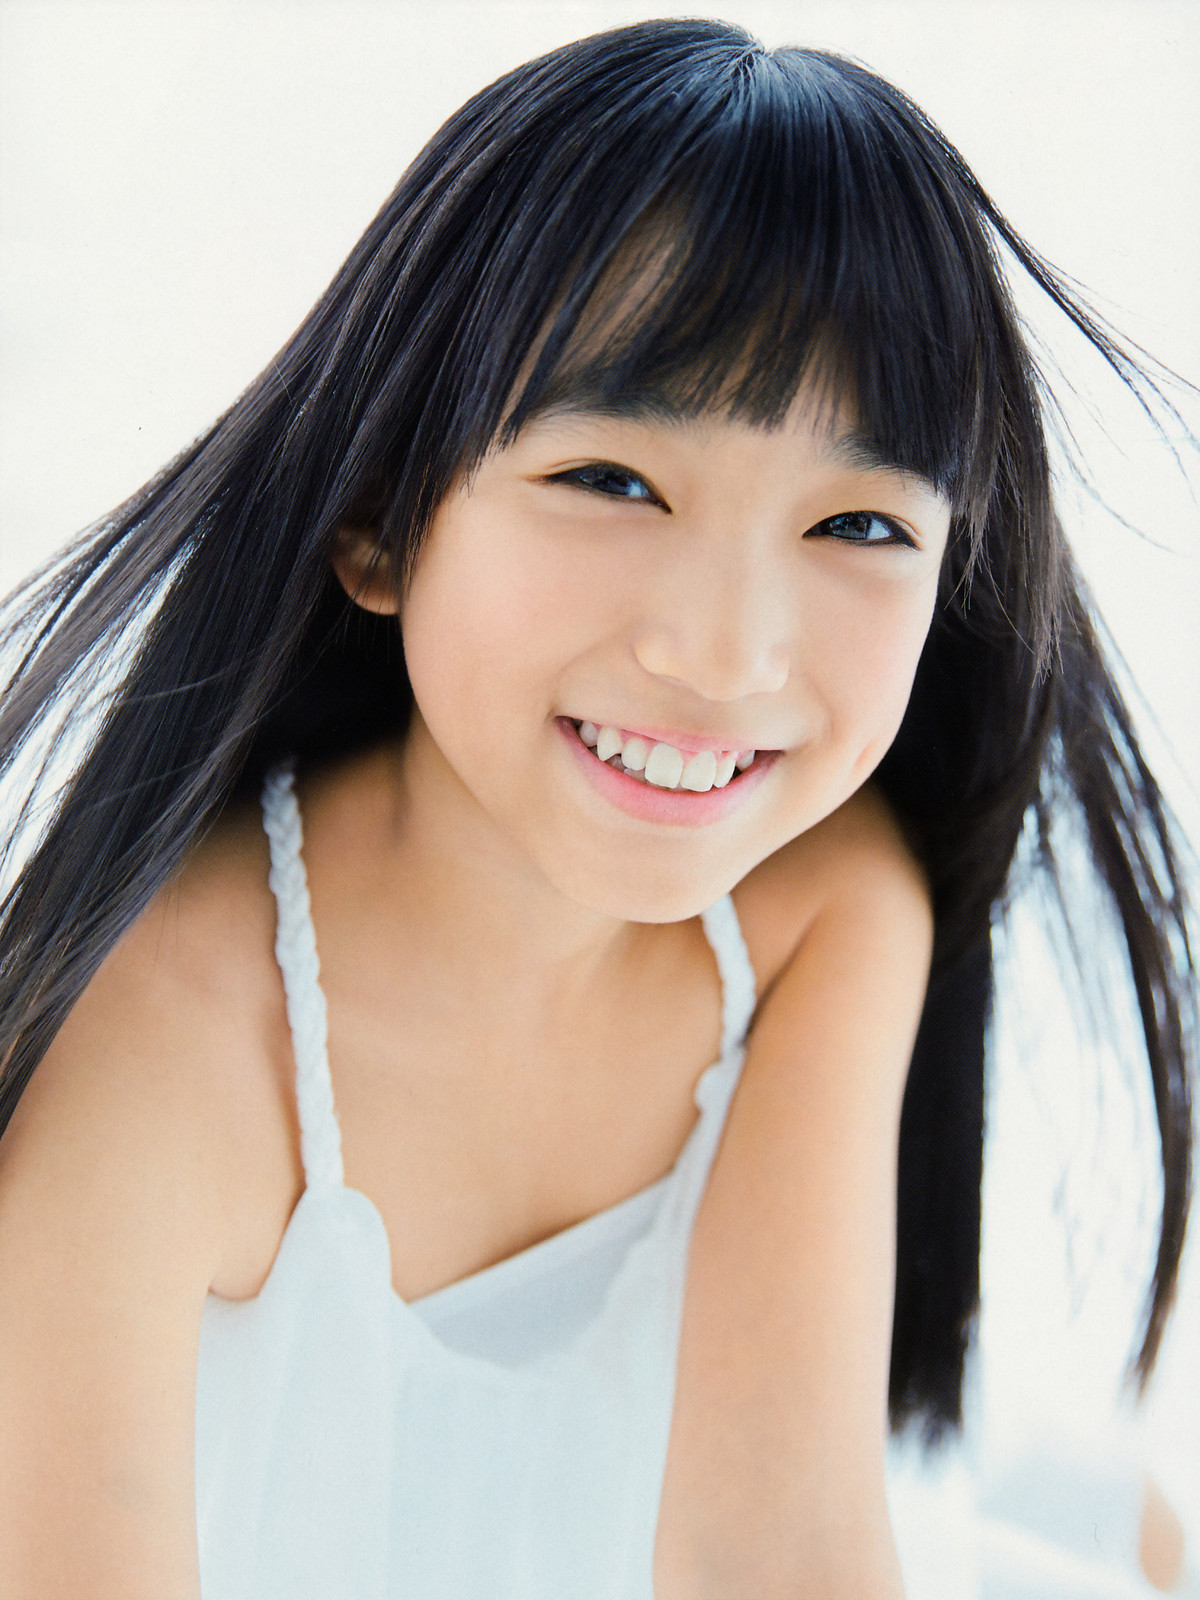 矢吹奈子の幼少画像